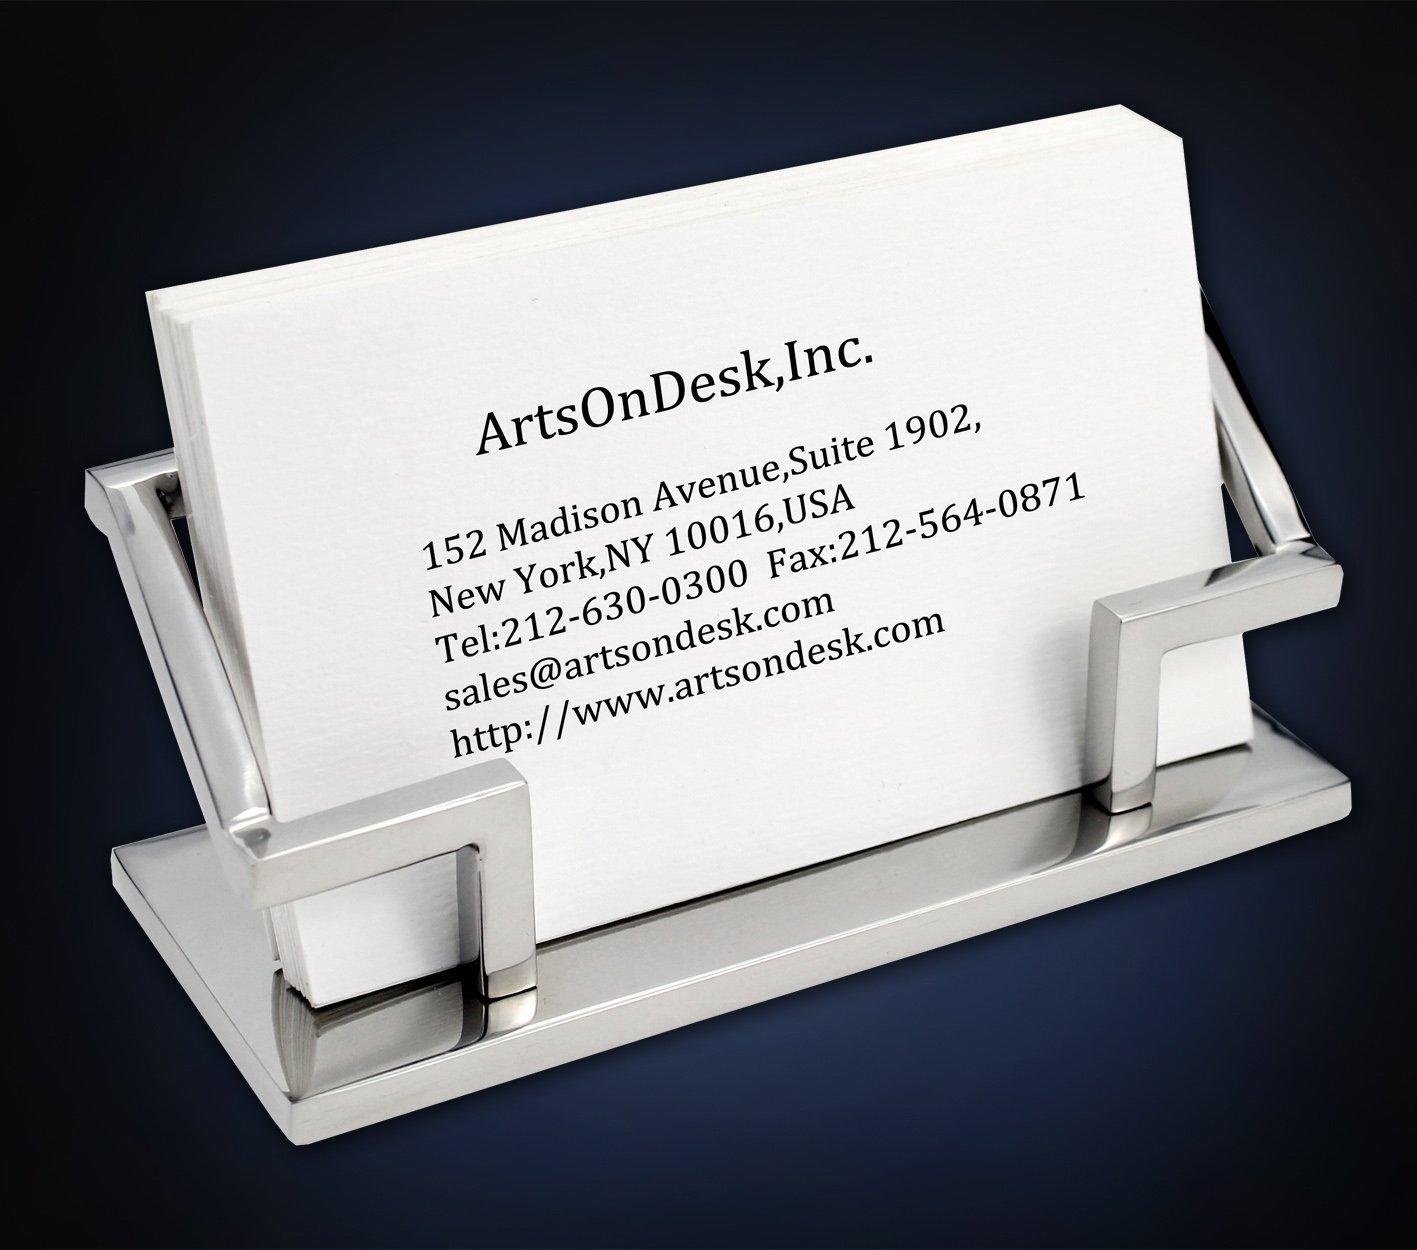 Artsondesk card holder business card holderpatent registered colourmoves